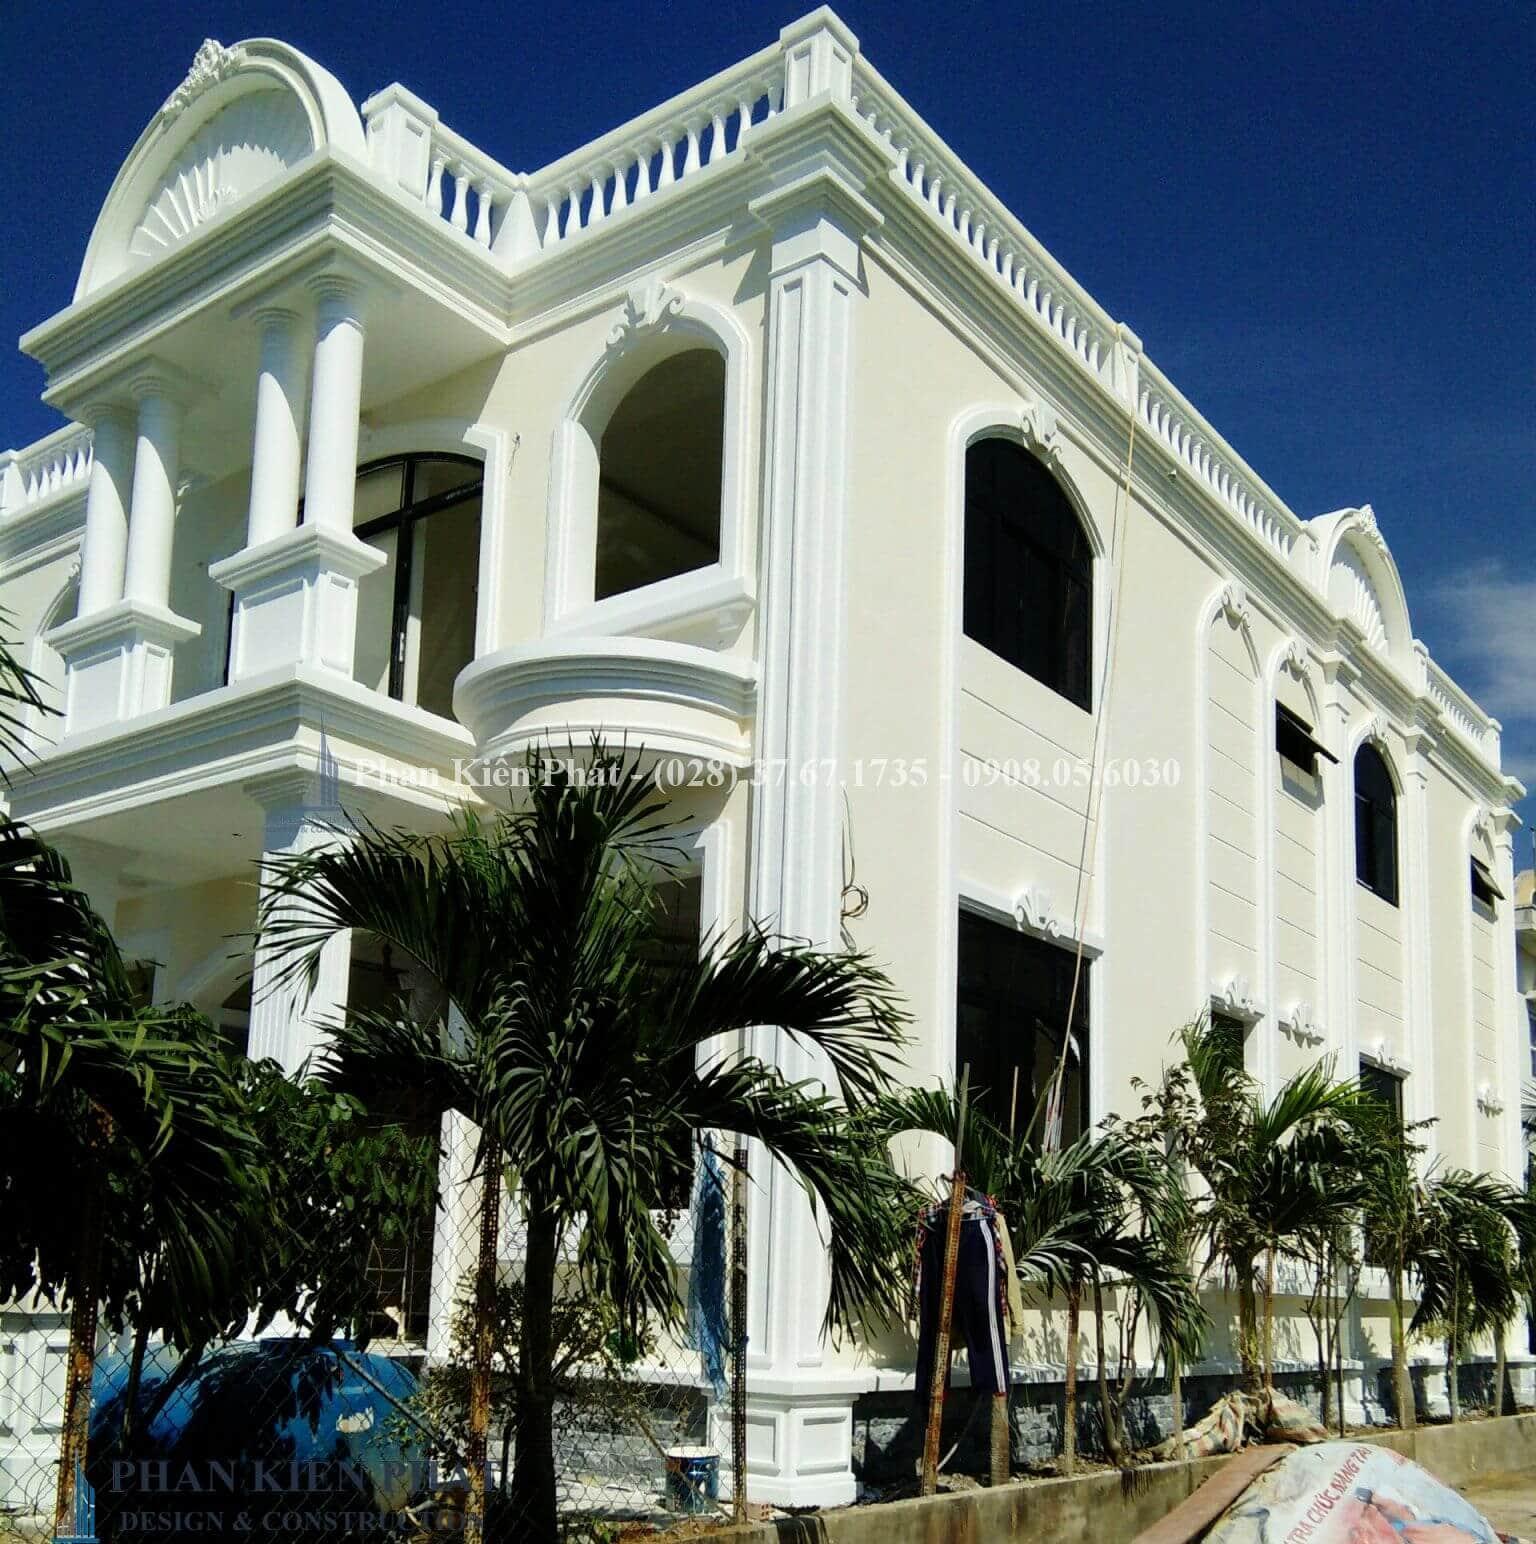 Hoàn thiện công tác ngoại thất view 3- công trình biệt thự cổ điển 2 tầng